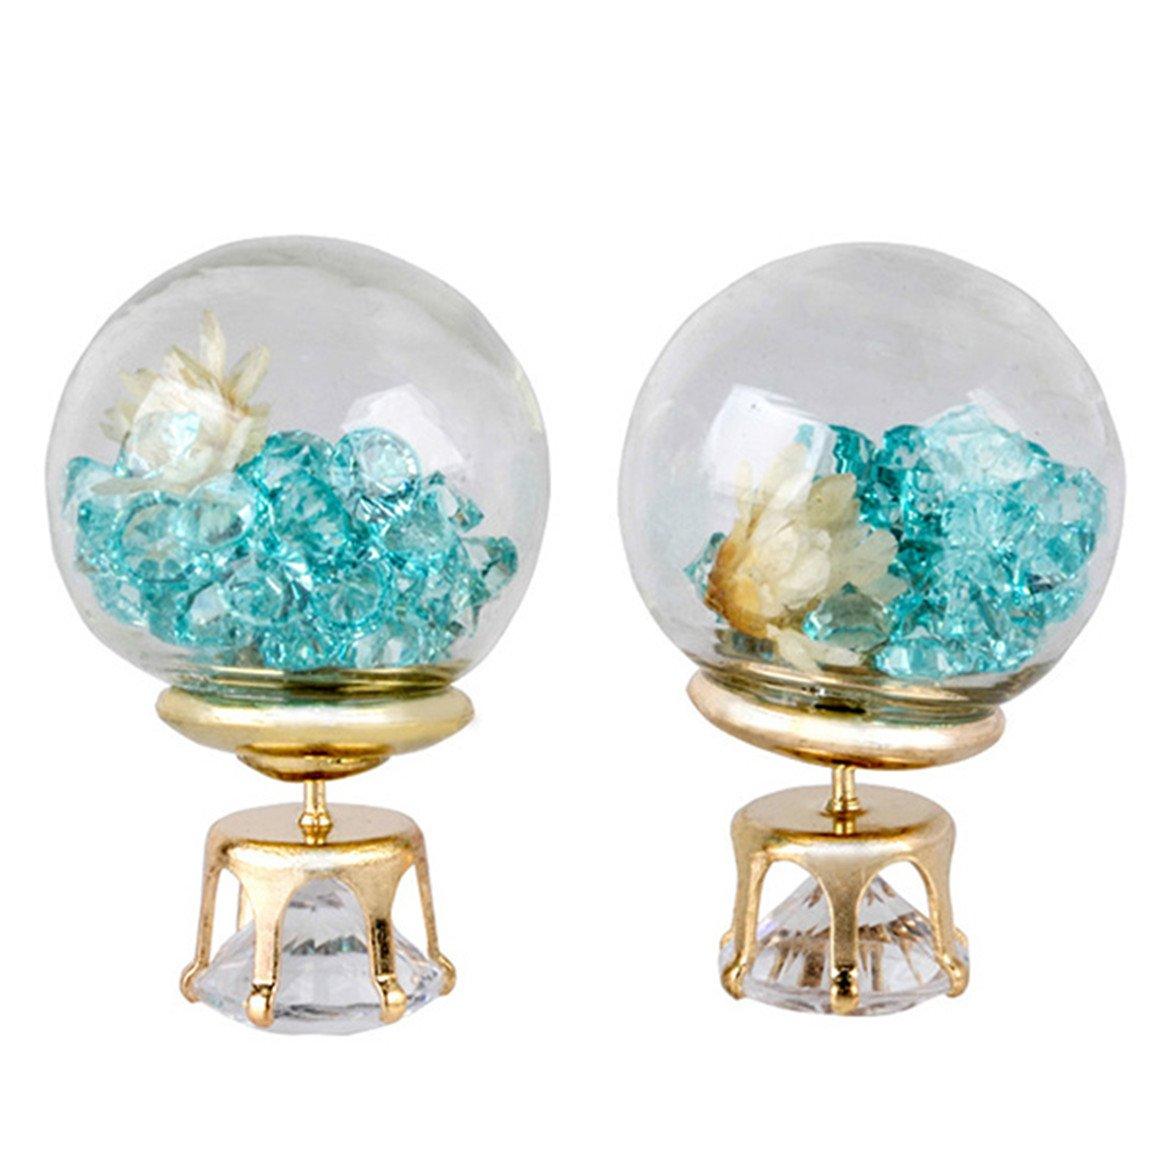 Meolin Glass Ball Broken Drill Dry Flower Earrings Personality Double-sided Spherical Earrings Beautiful Jewelry